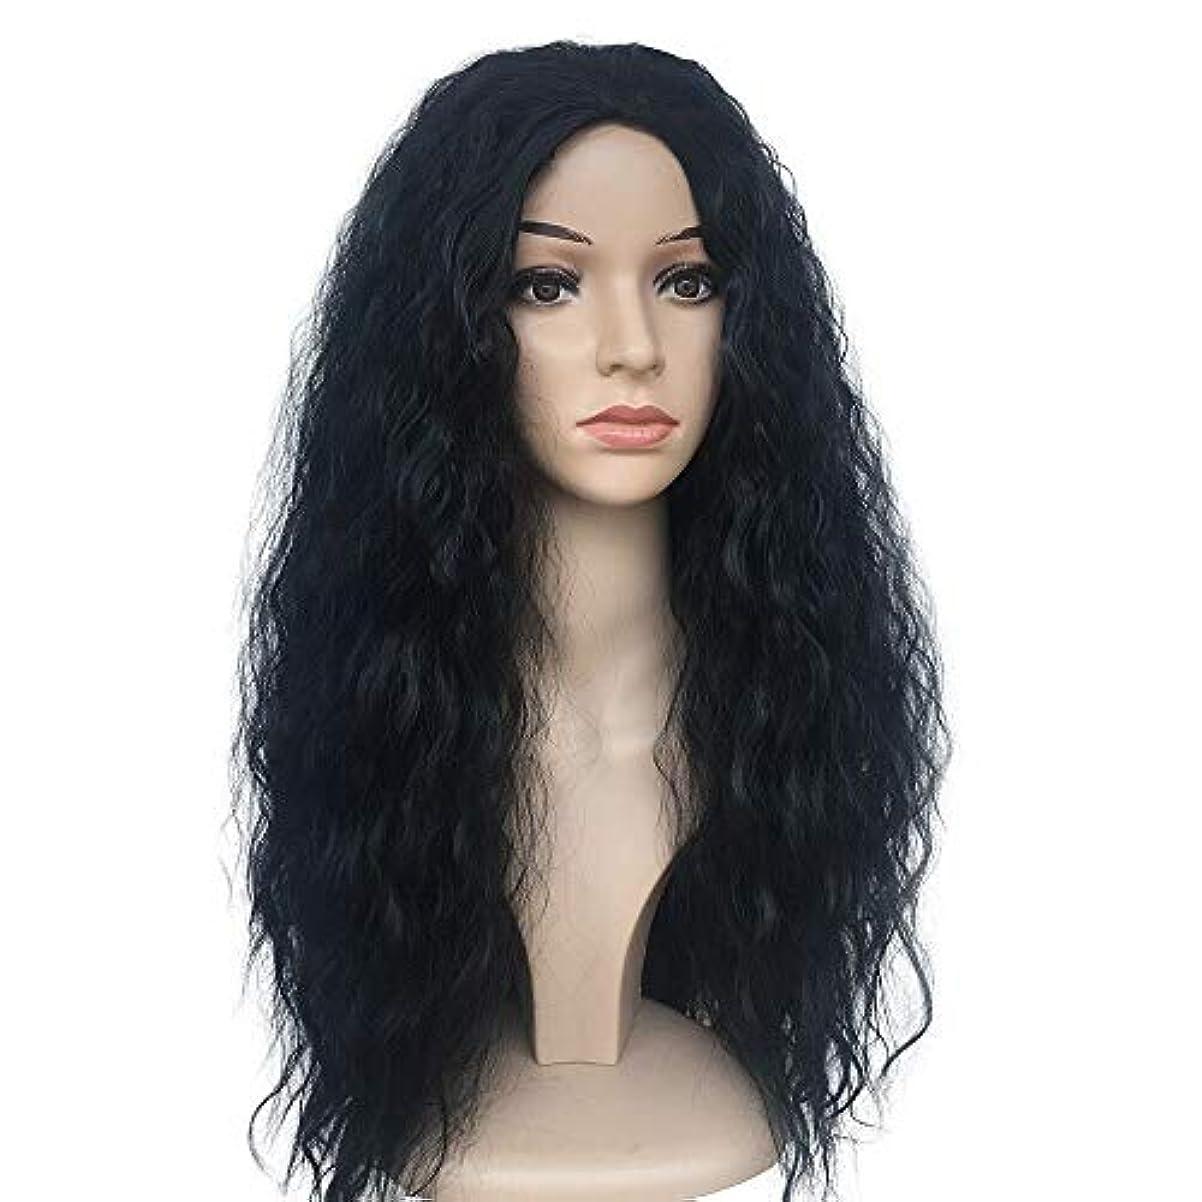 敵対的タンカー謎かつらキャップロングウィッグでかつら女性のためのかつら高品質な人工毛髪コスプレ高密度かつら25.6インチv